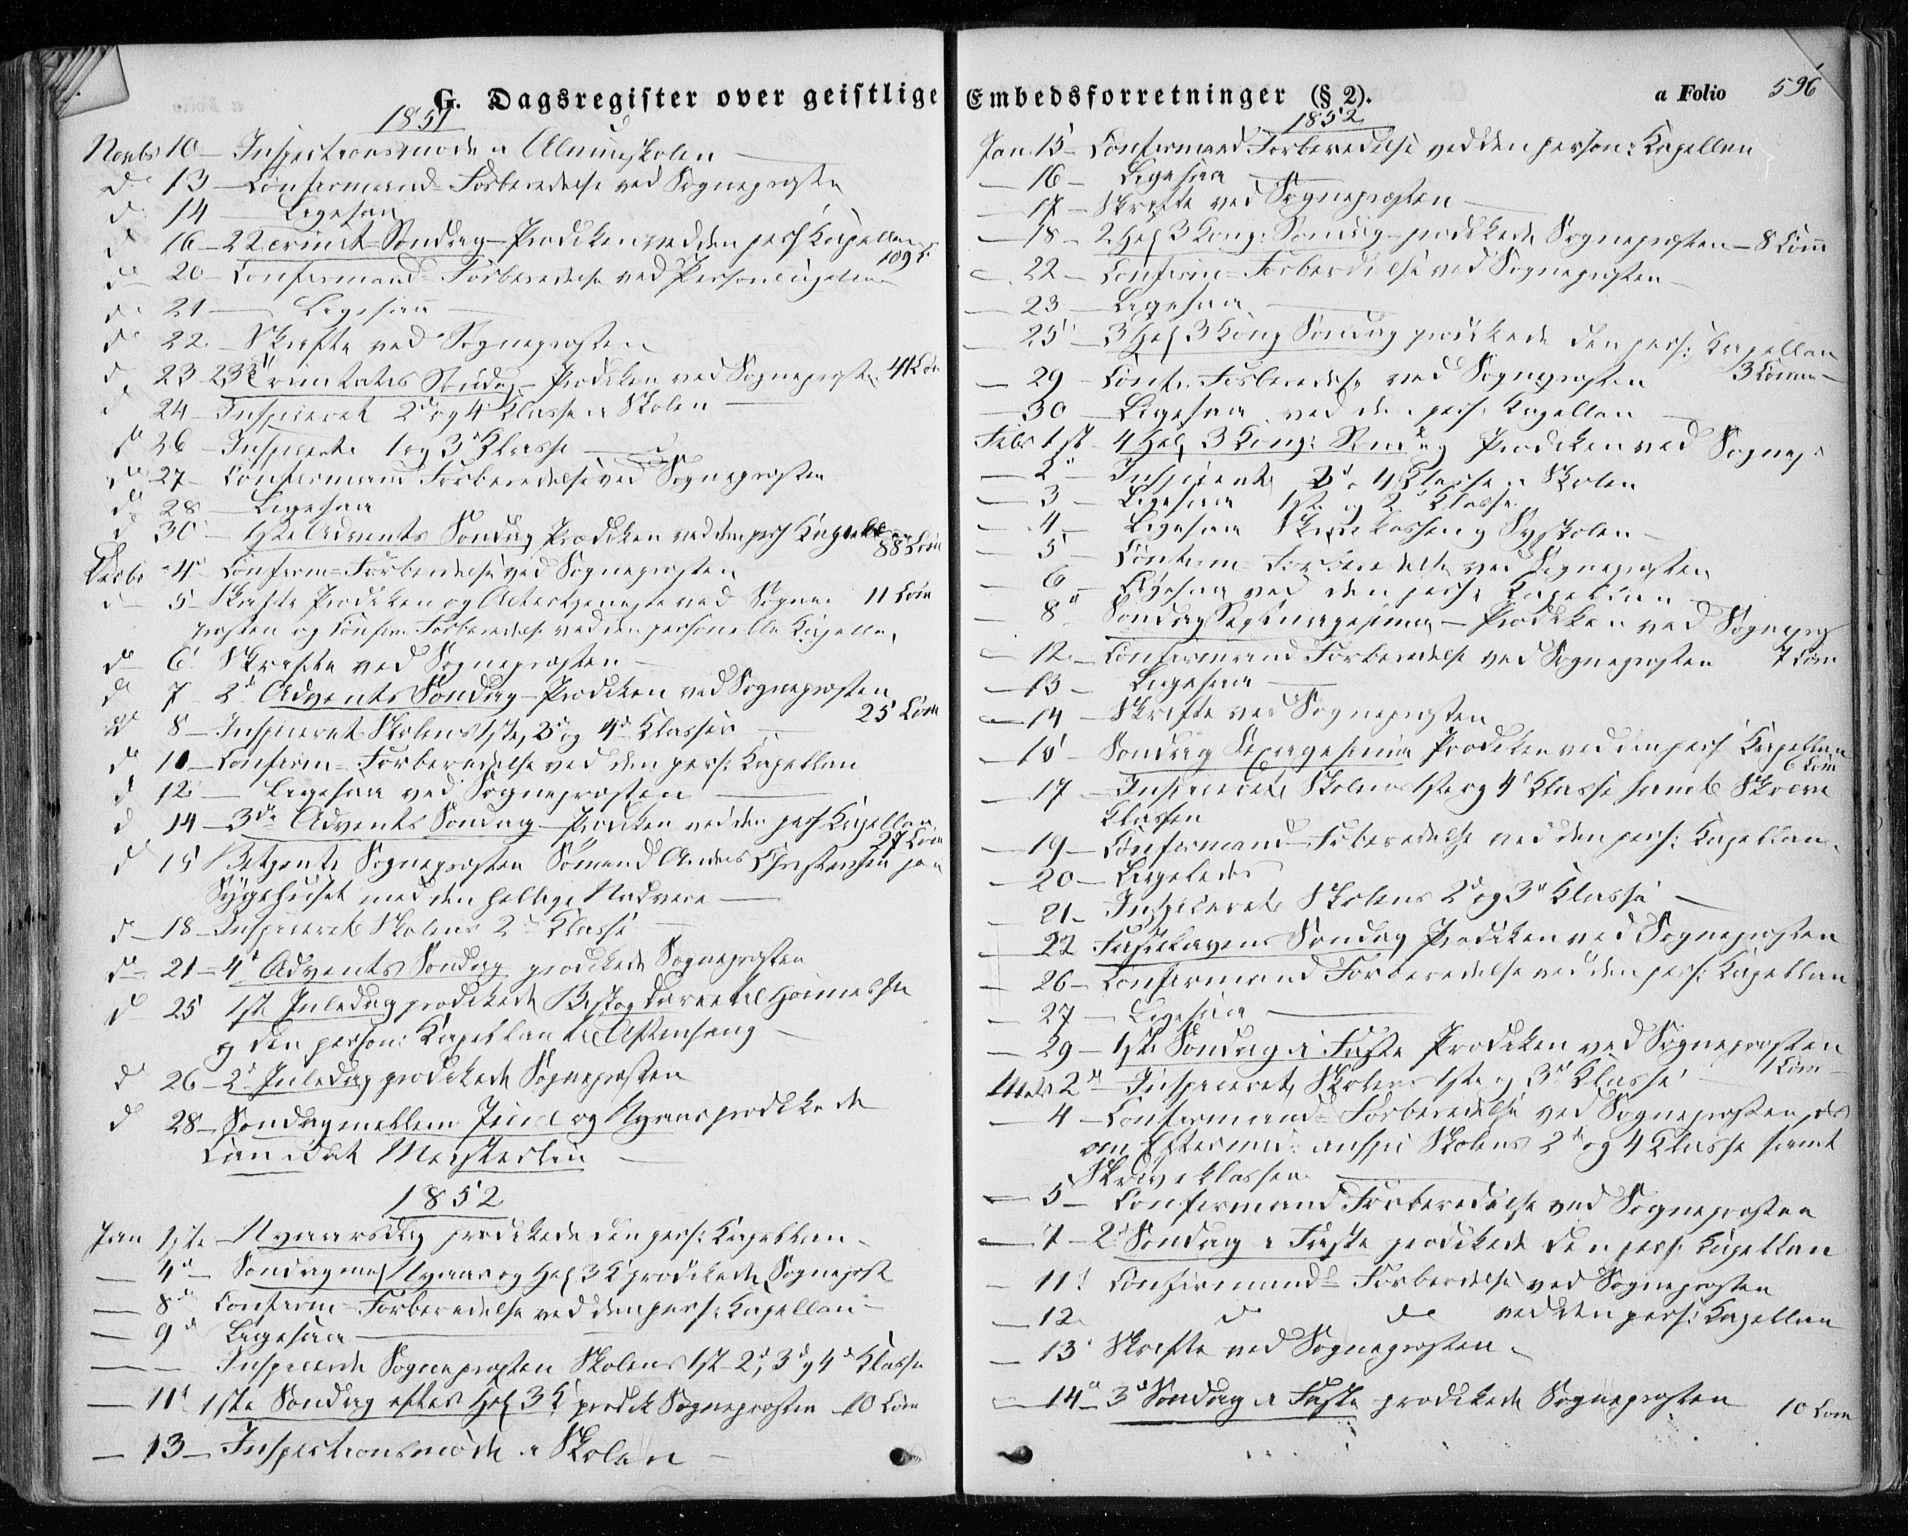 SAT, Ministerialprotokoller, klokkerbøker og fødselsregistre - Sør-Trøndelag, 601/L0051: Ministerialbok nr. 601A19, 1848-1857, s. 596